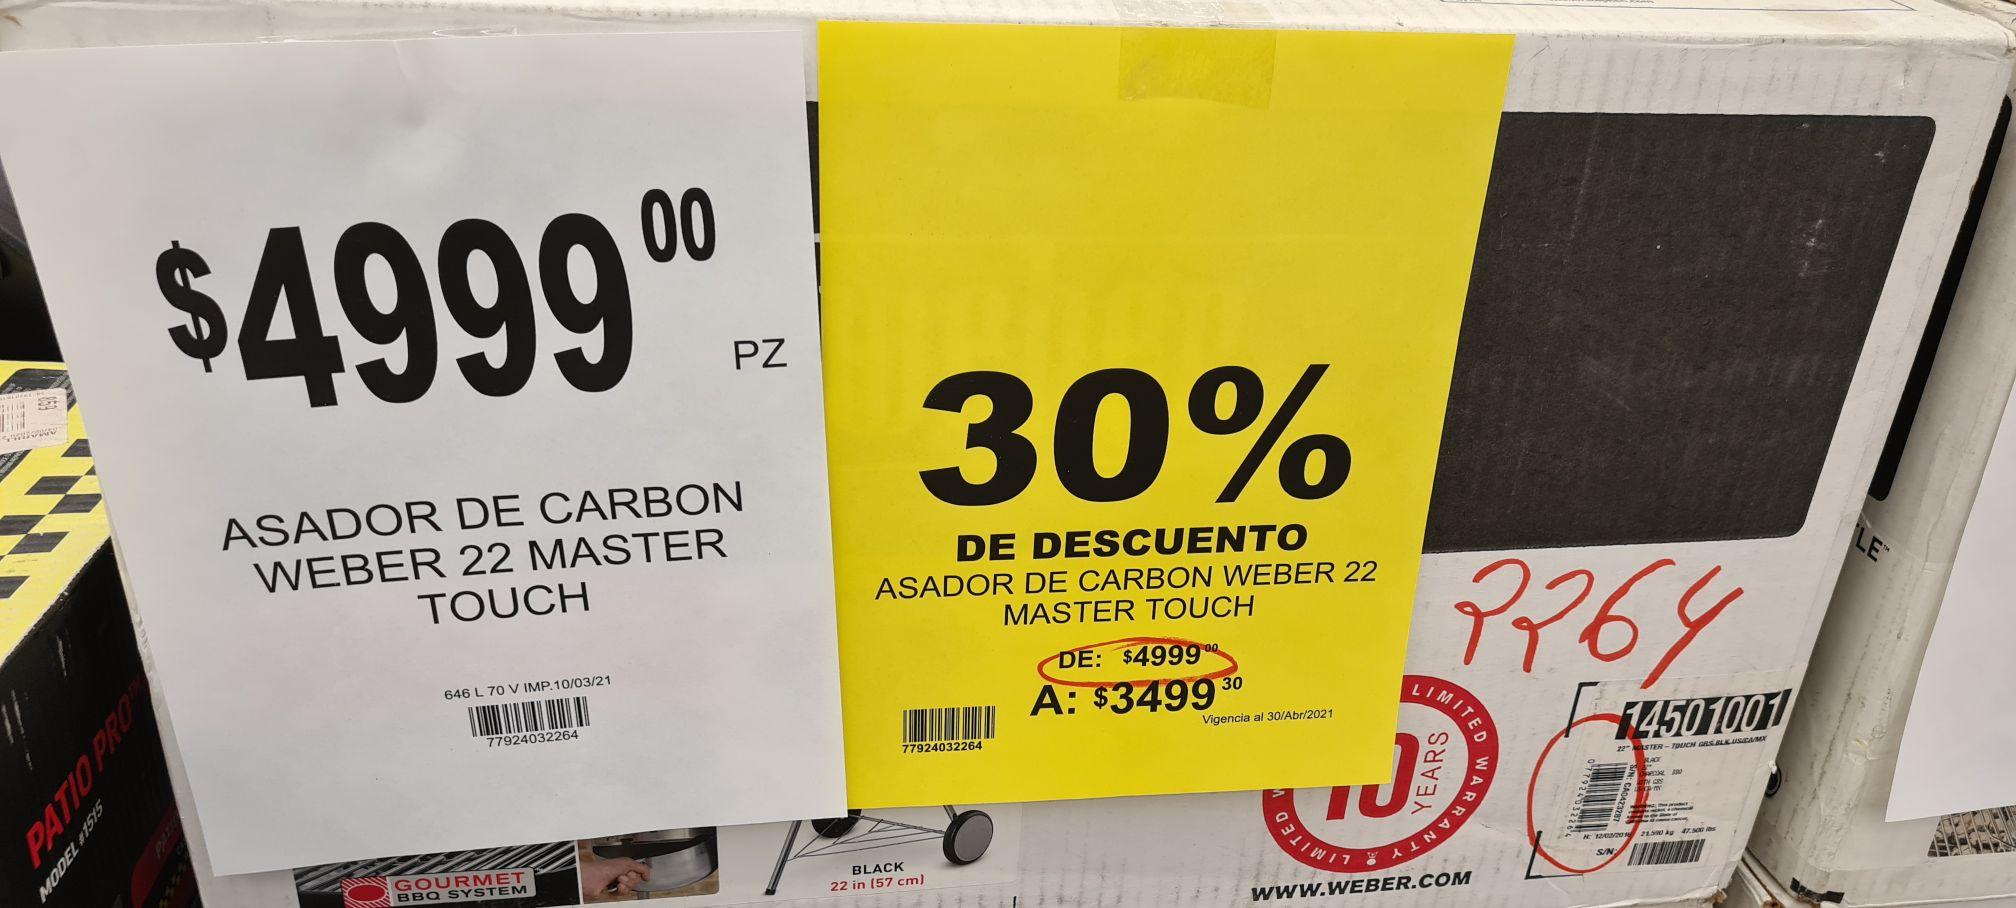 Soriana plaza fiesta slp Weber master touch a casi 50% de descuento vs página oficial de weber